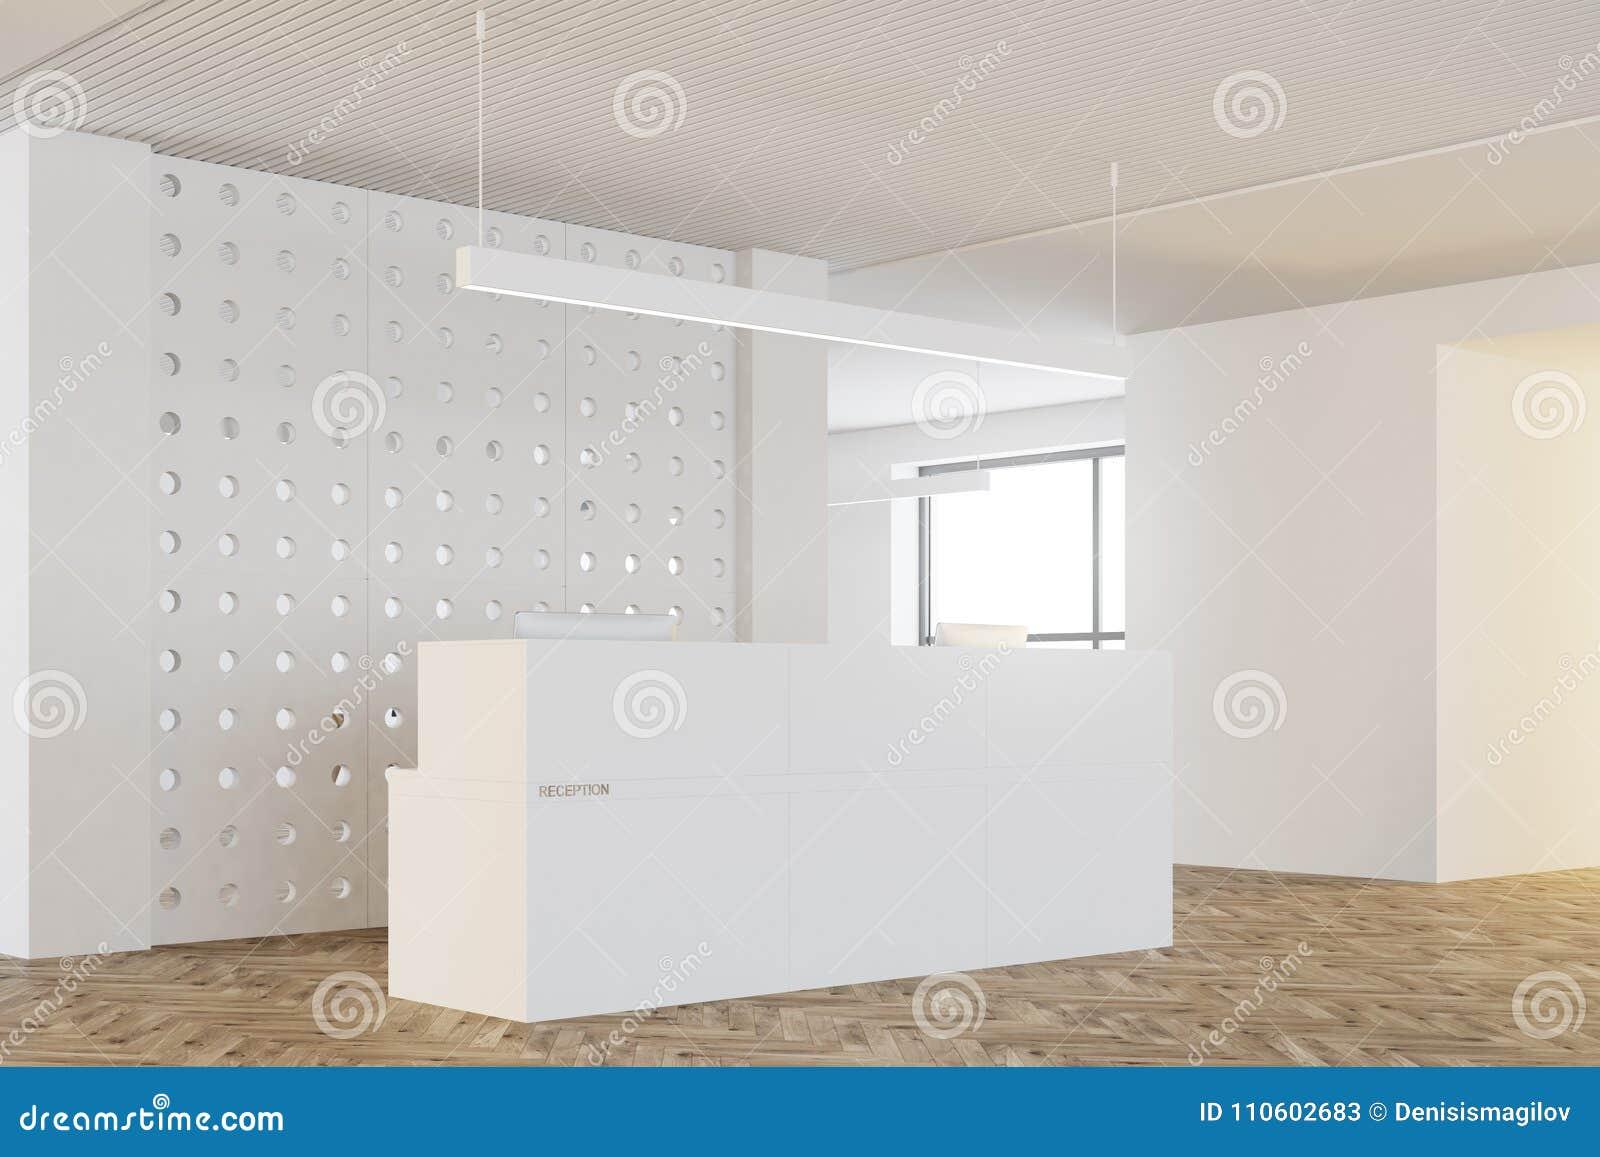 office reception desk. White Pattern Wall Office, Reception Desk Side Office